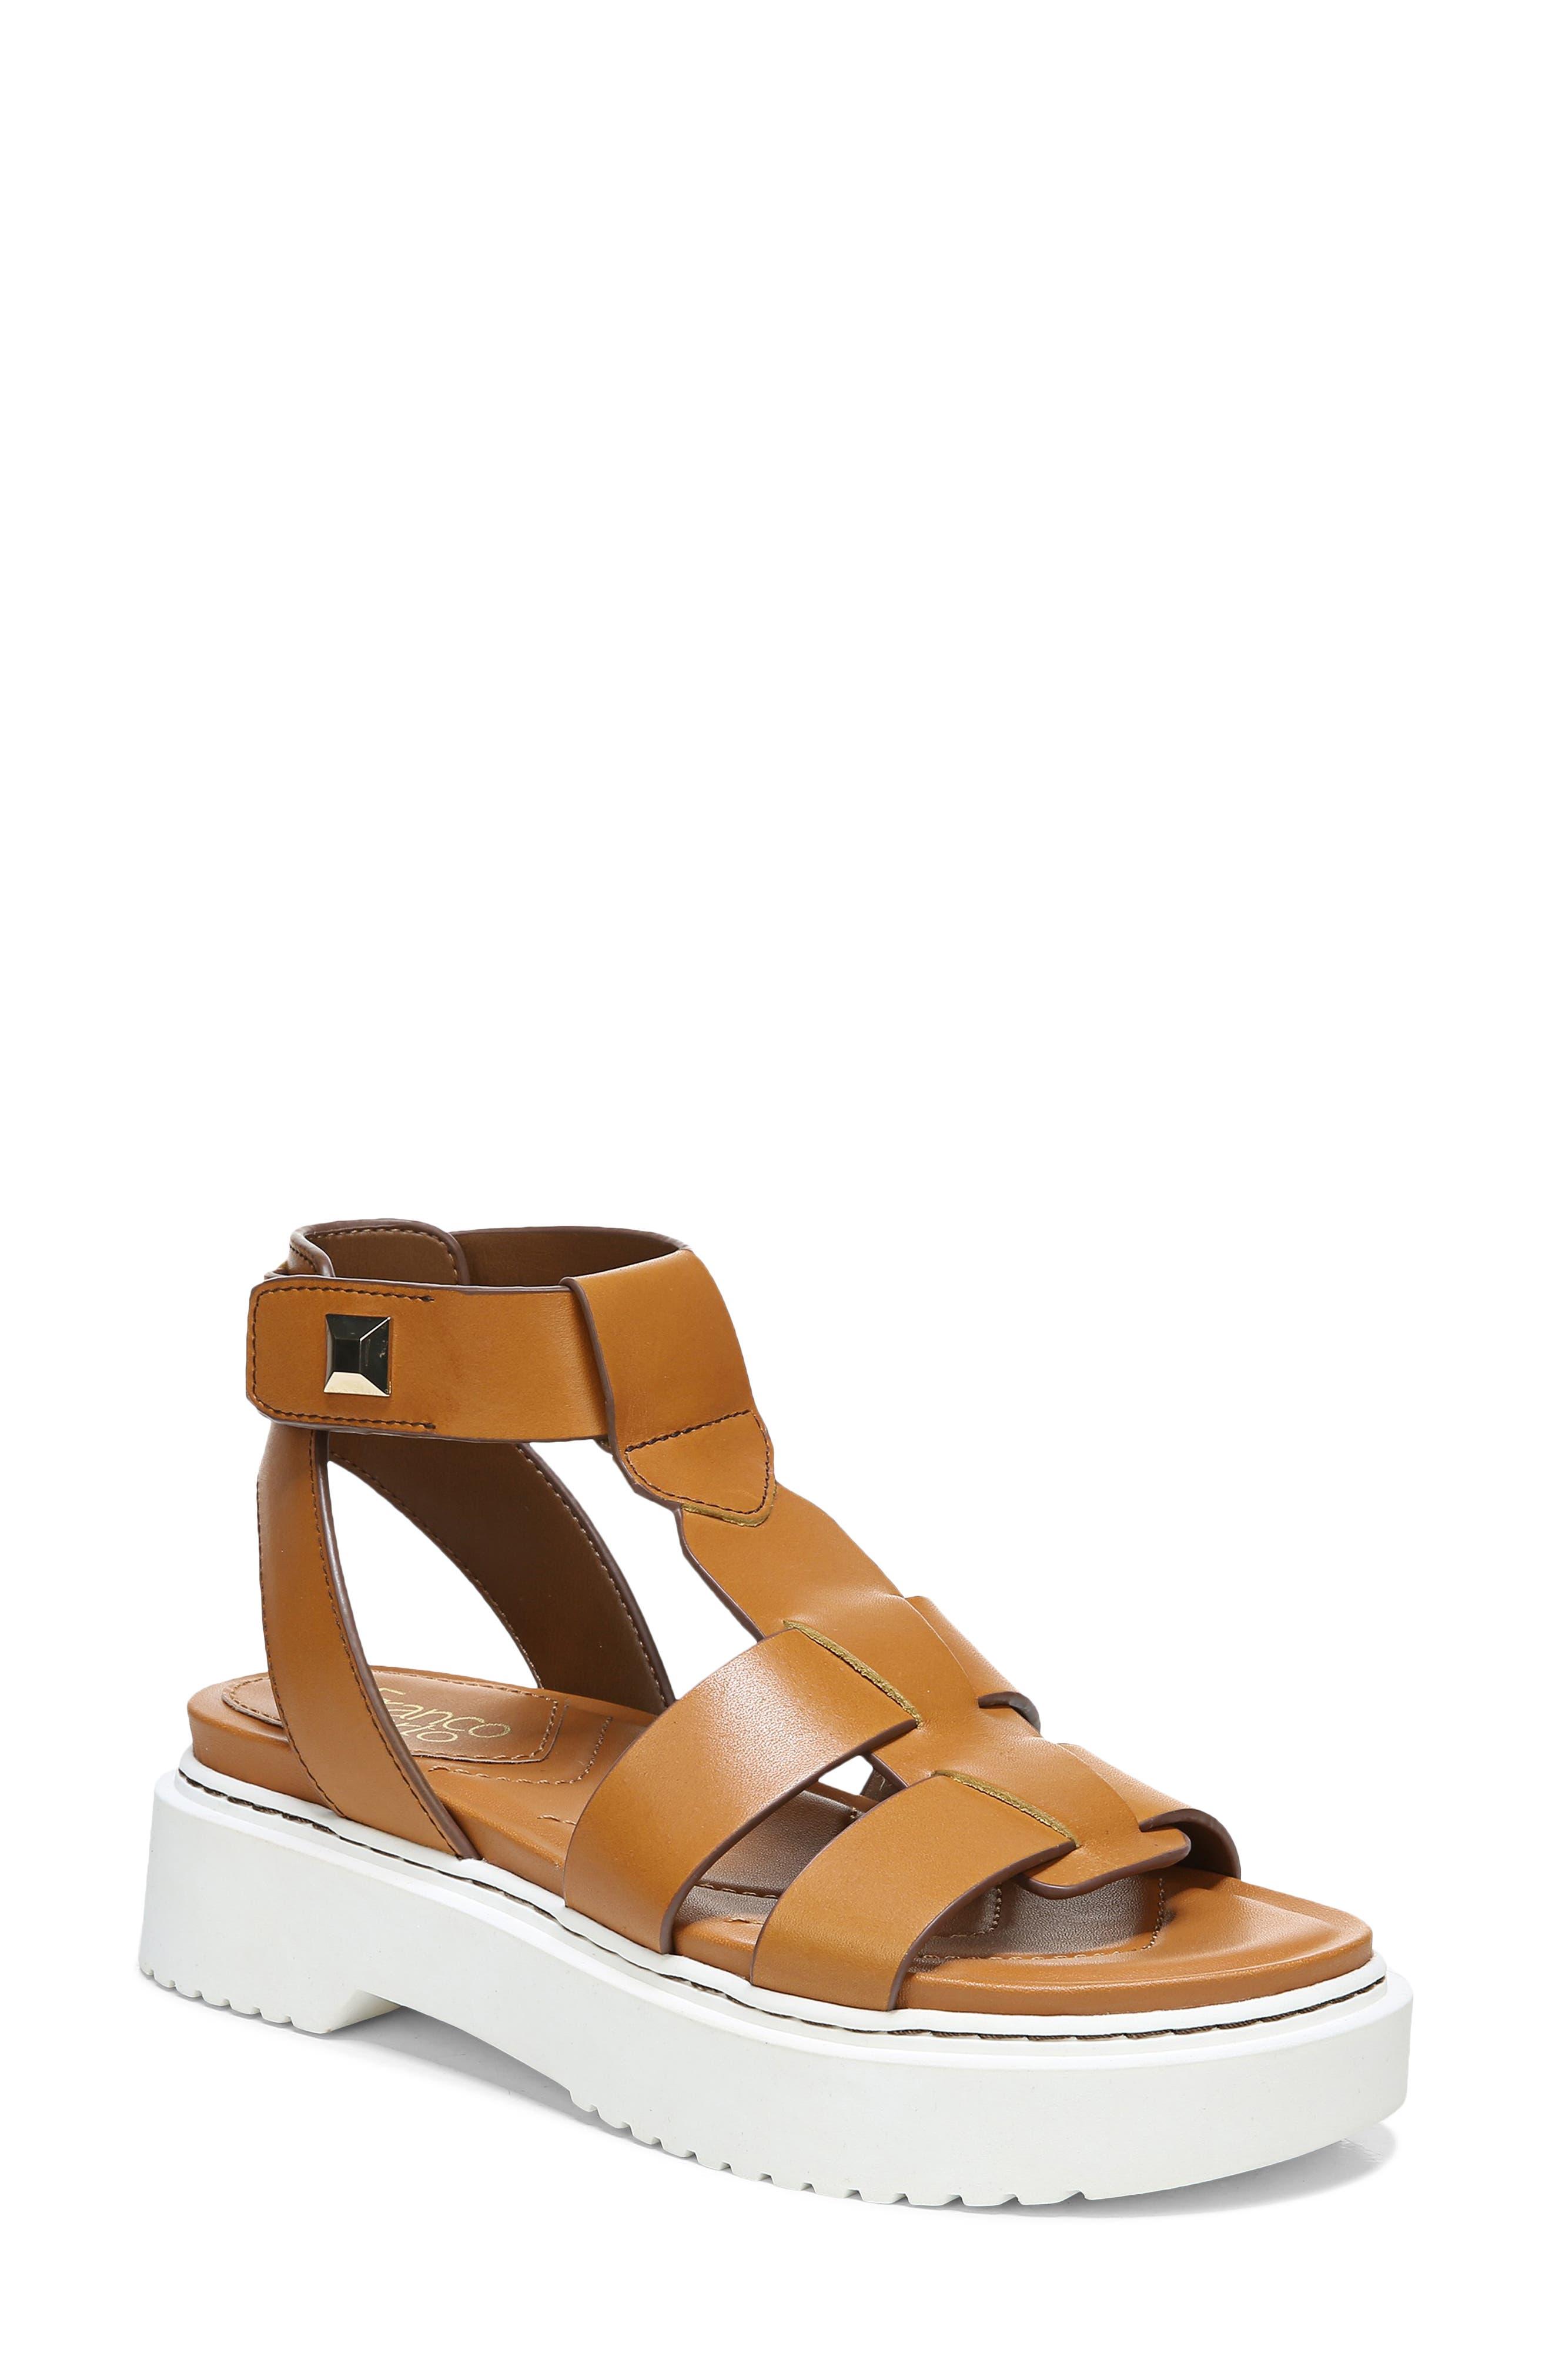 Wallow Strappy Sandal